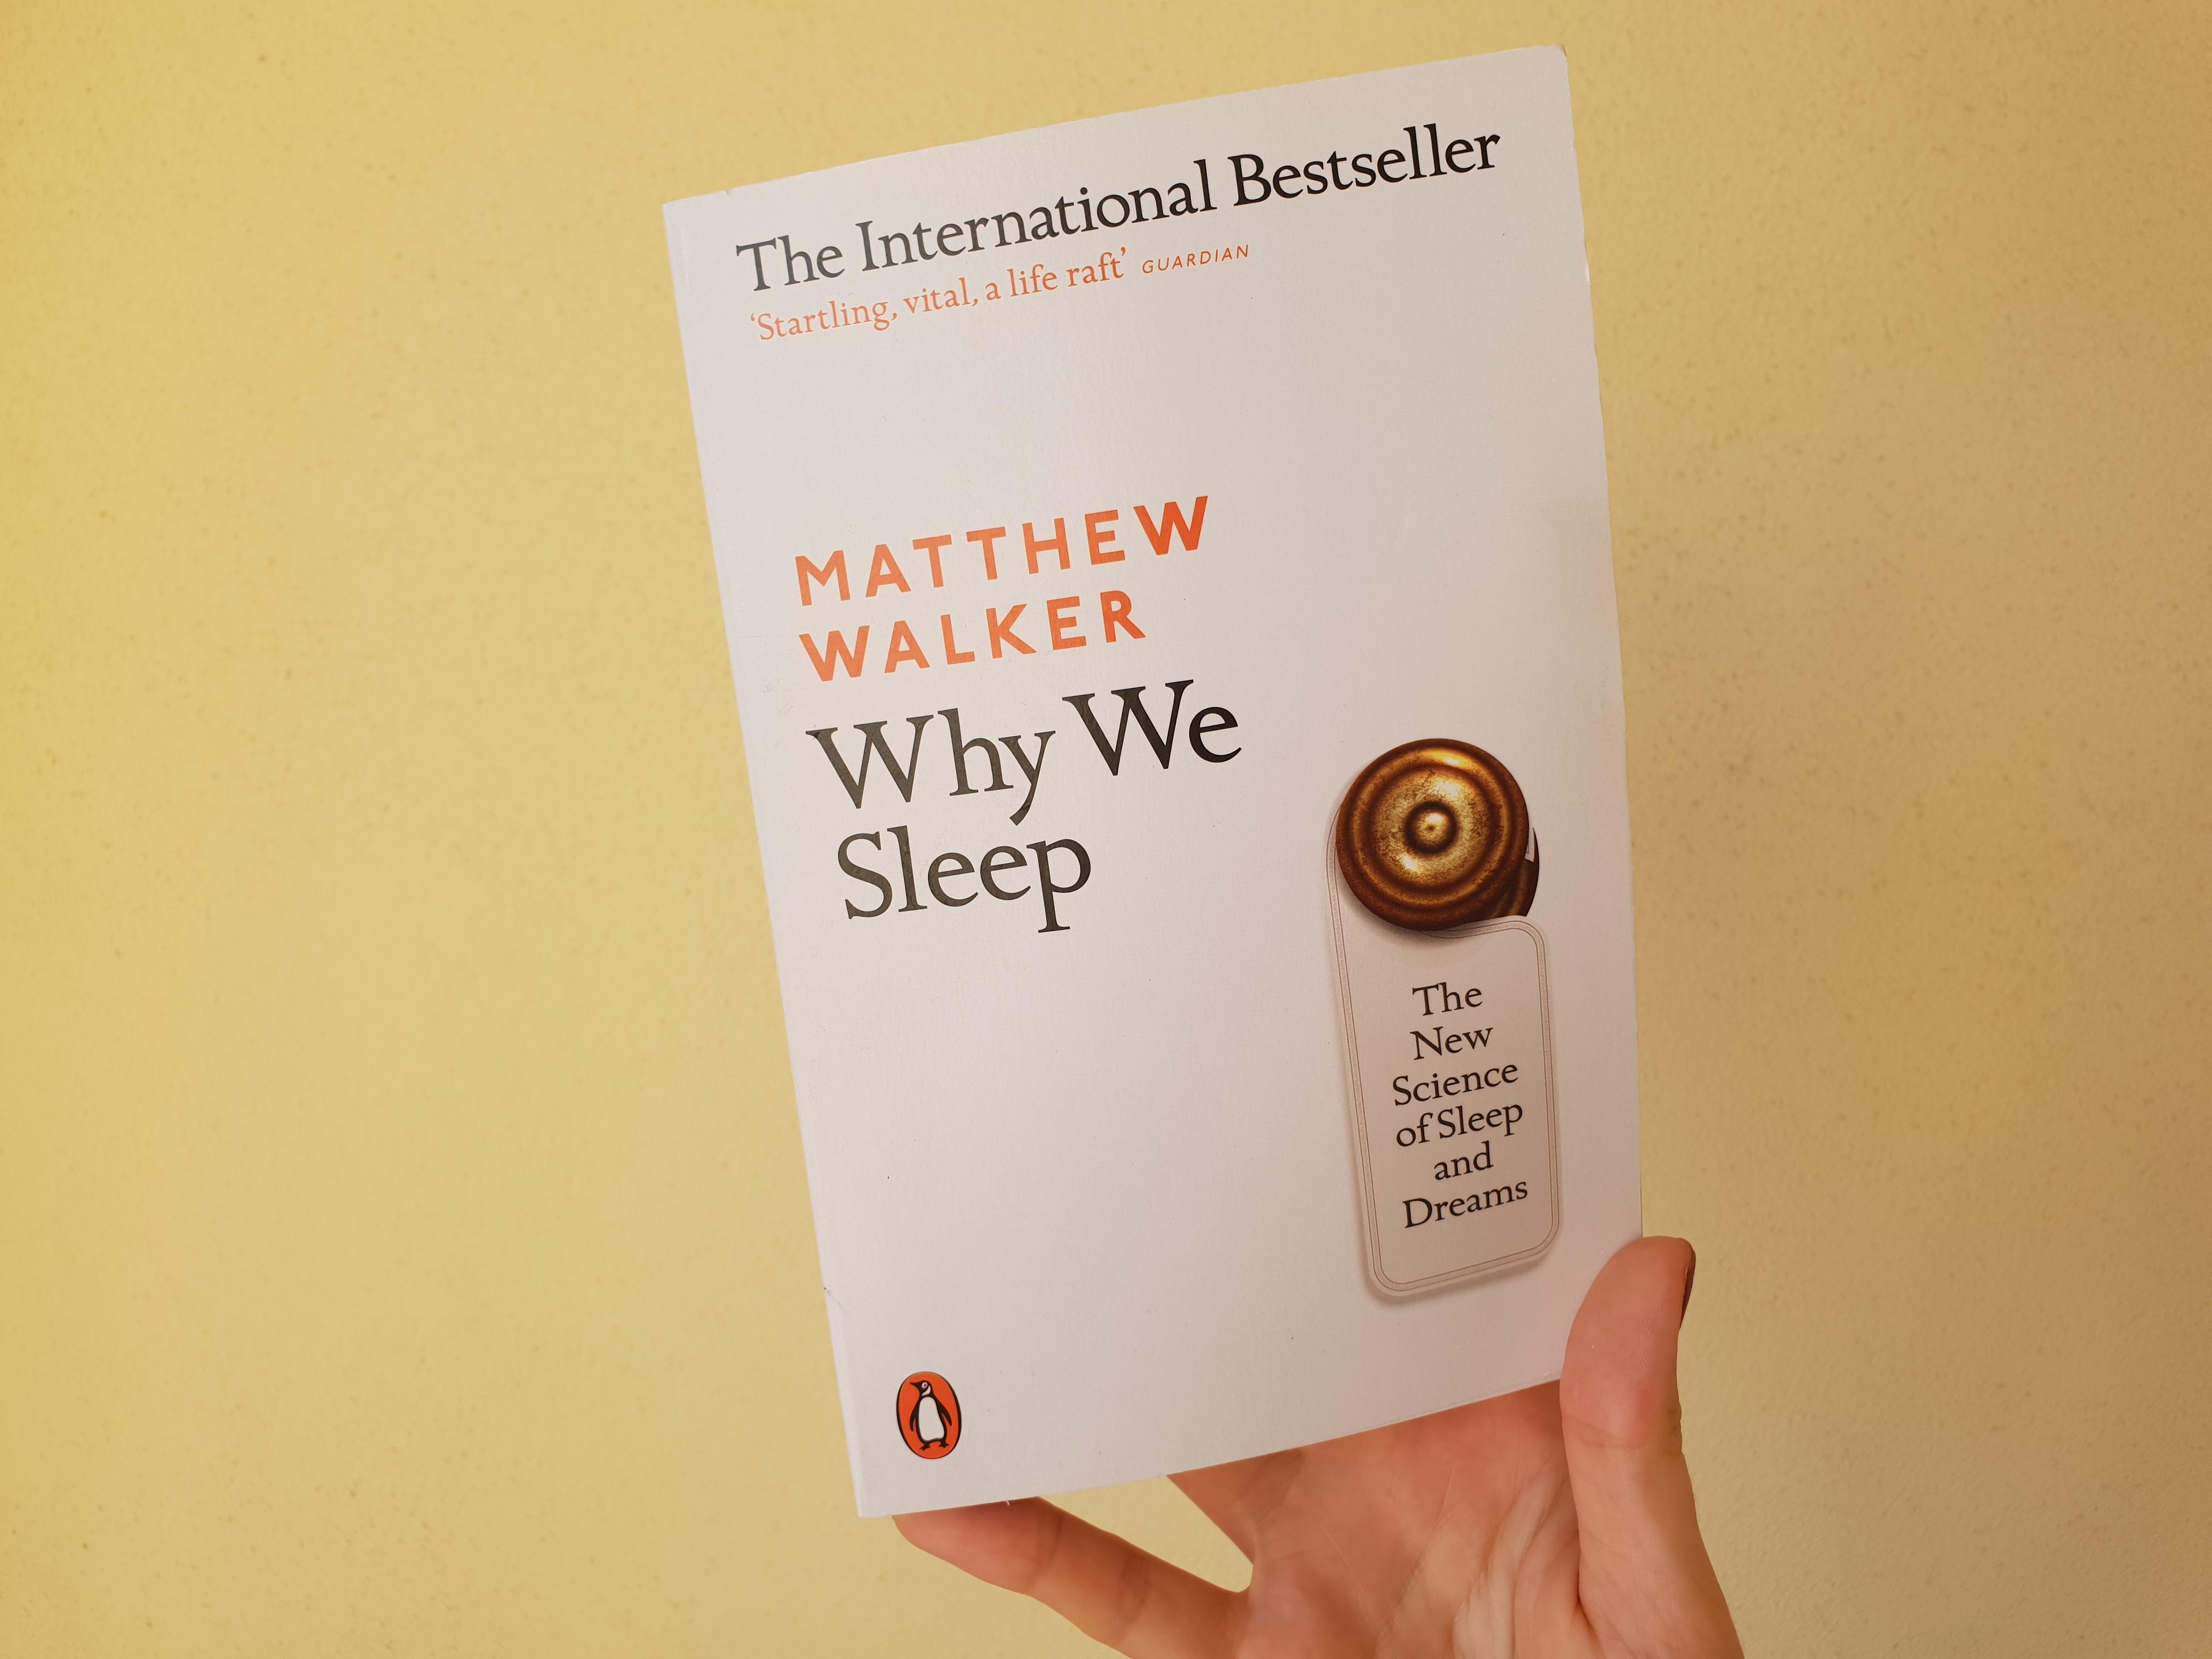 Why We Sleep (Matthew Walker) - Freya Gilmore